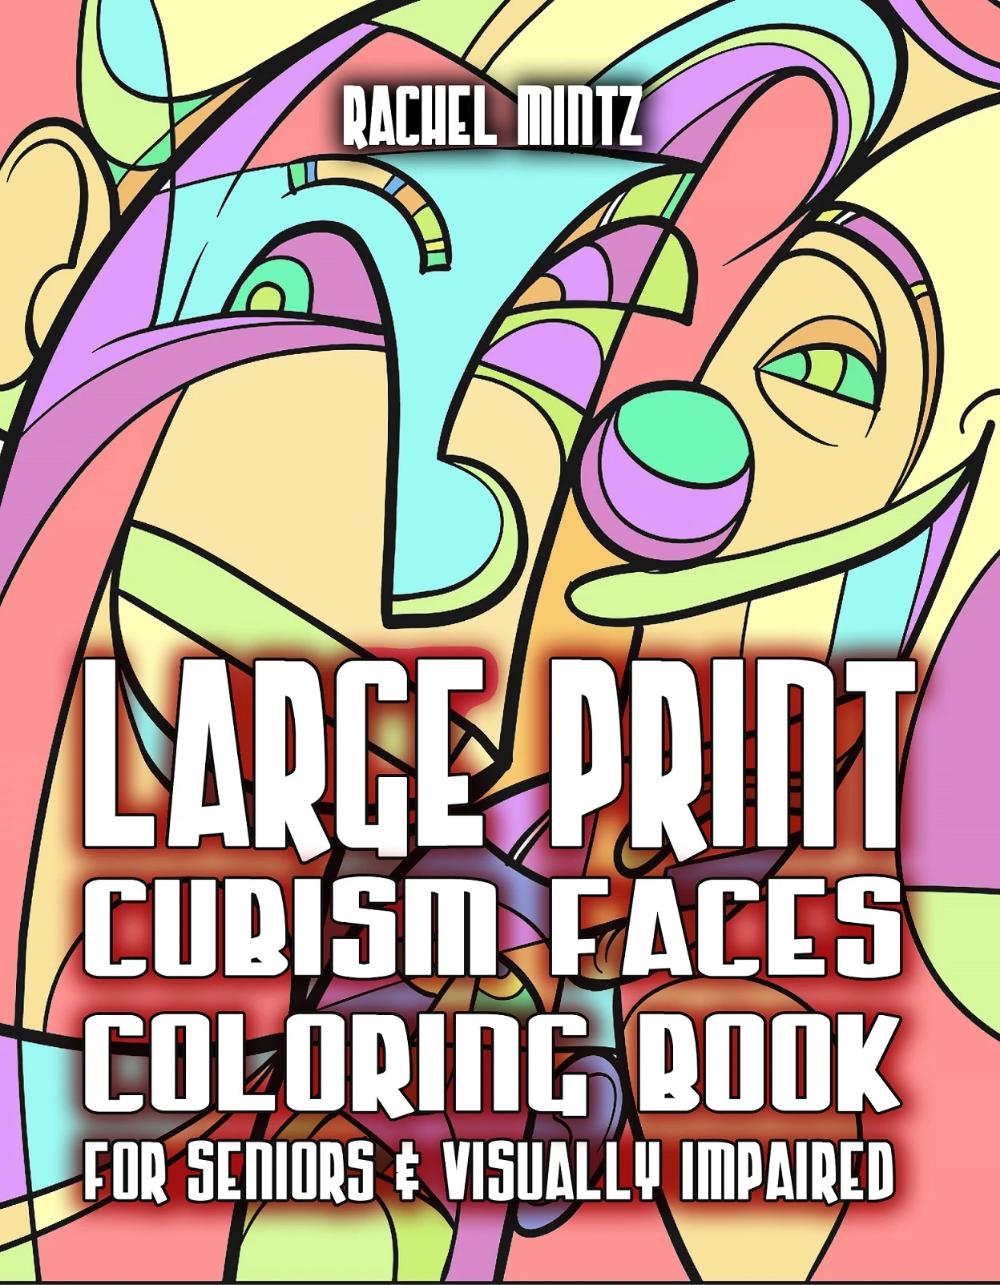 Large Print Cubism Faces Color Picasso Style Pages For Seniors Vis Rachel Mintz Coloring Books Picasso Style Large Prints Coloring Books